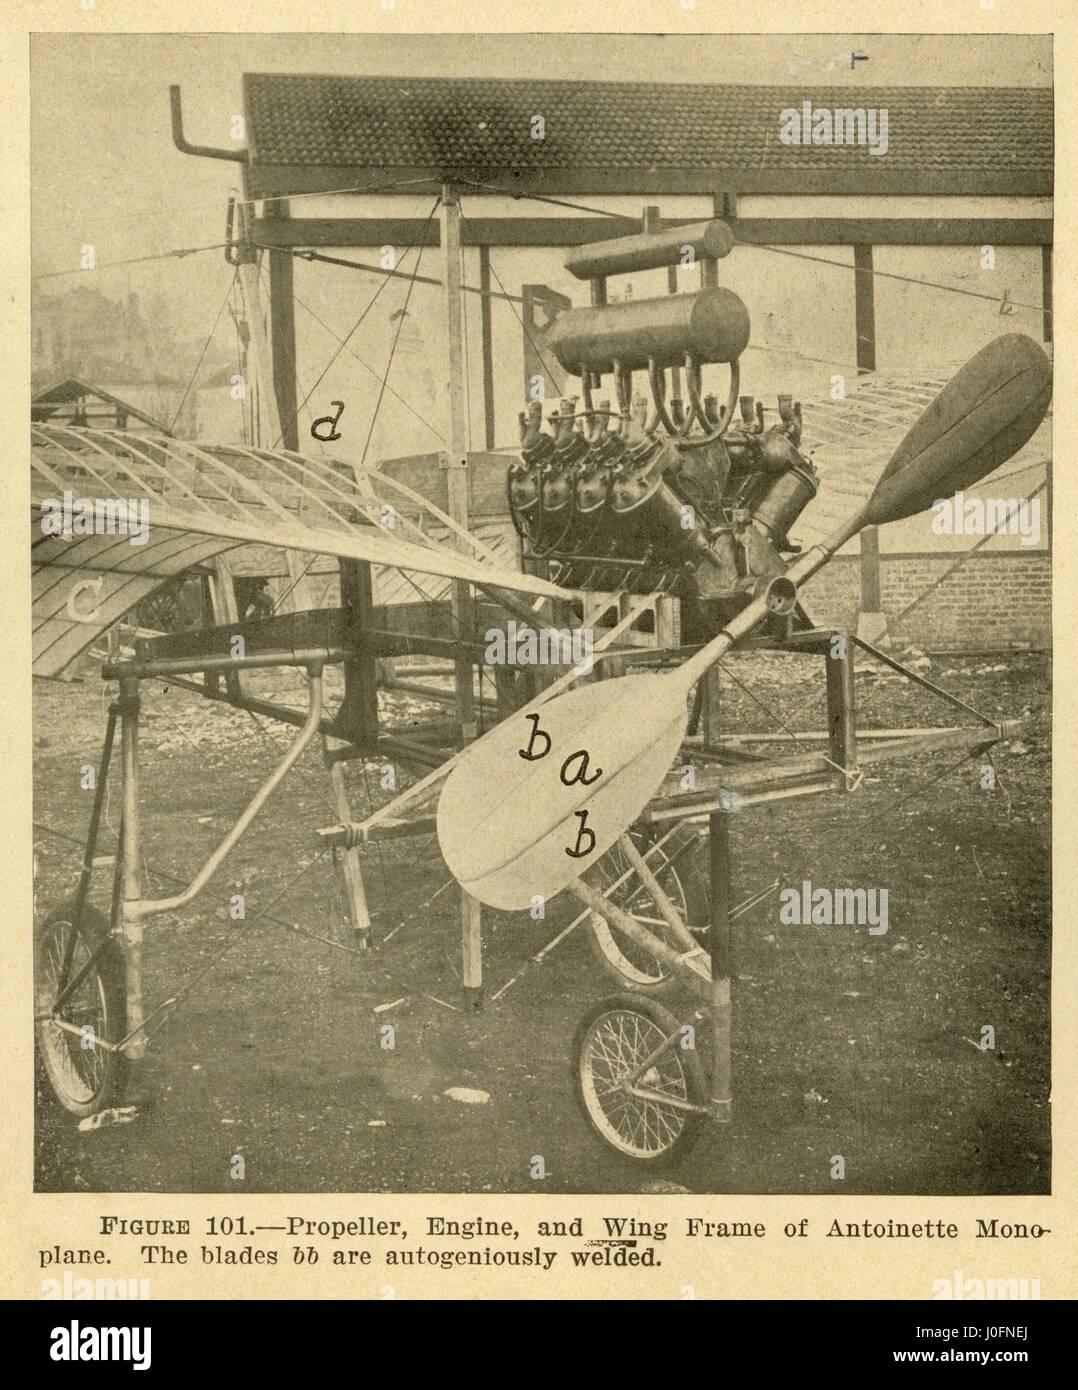 Propulsore, il motore e il telaio dell'ala di un monoplano Antonietta Foto Stock